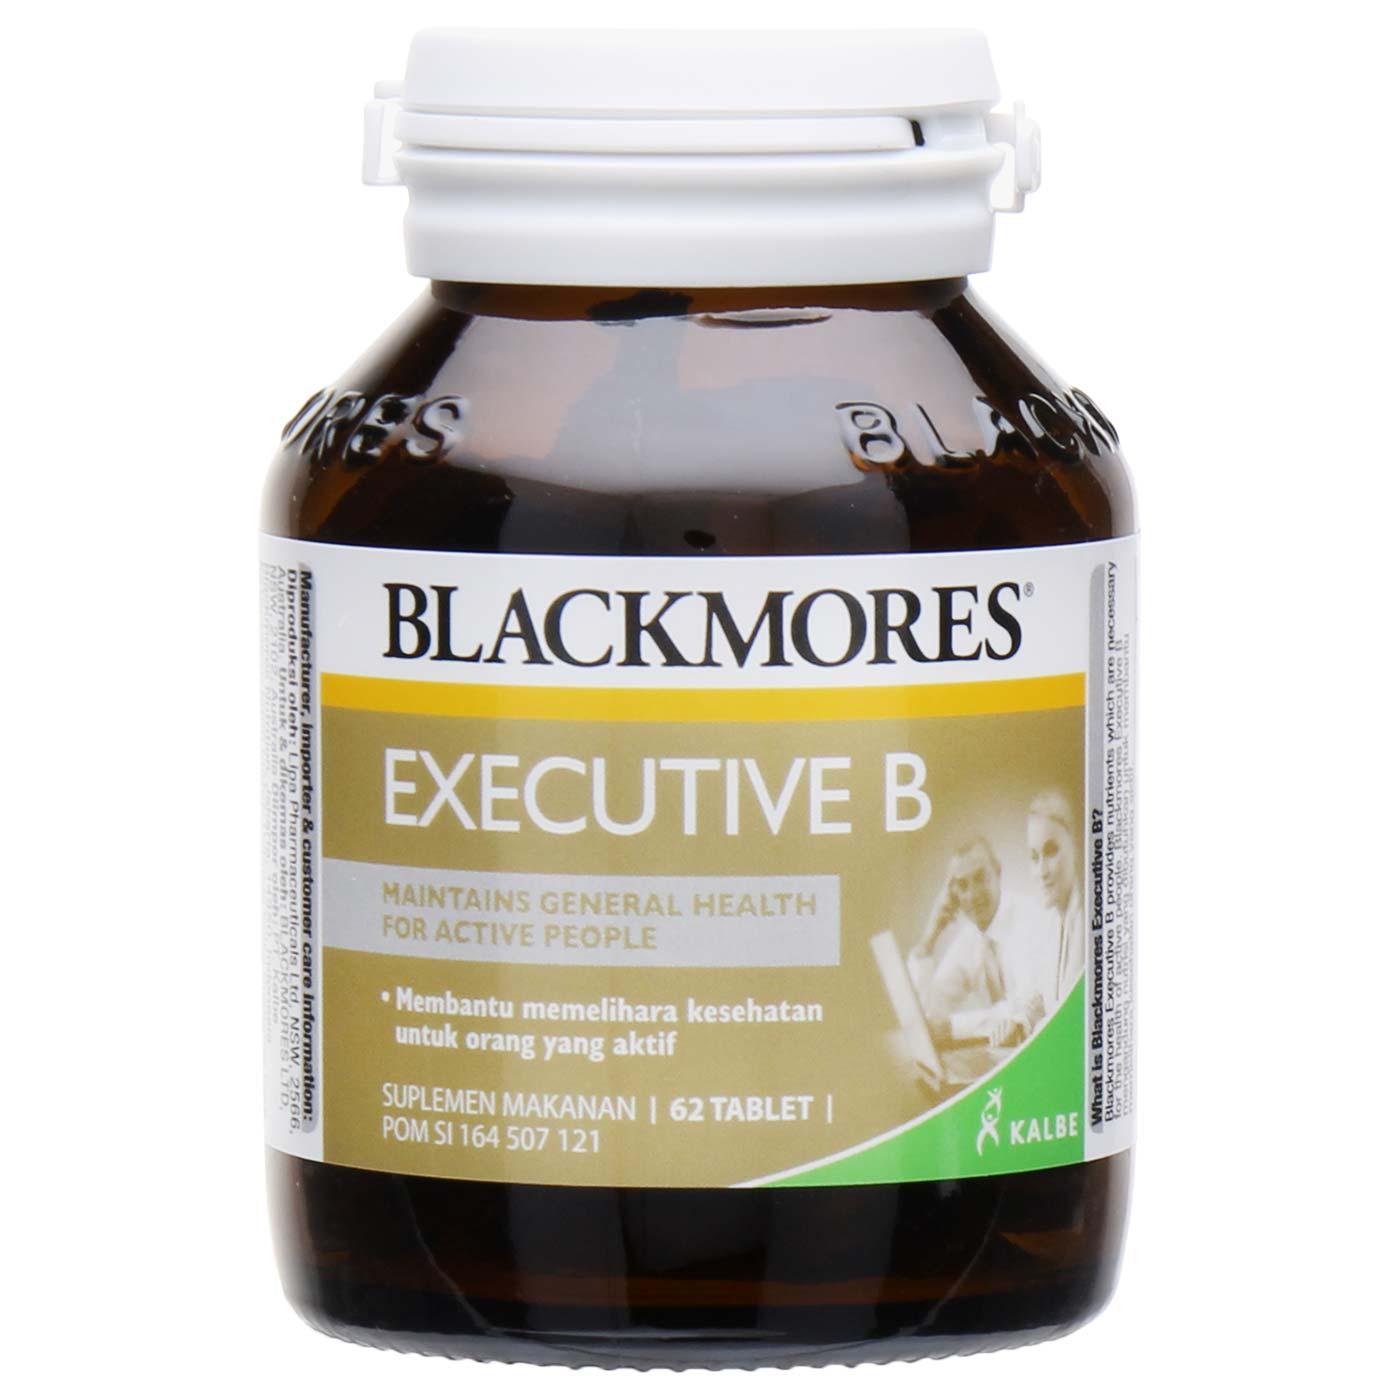 Blackmores Executive B 1